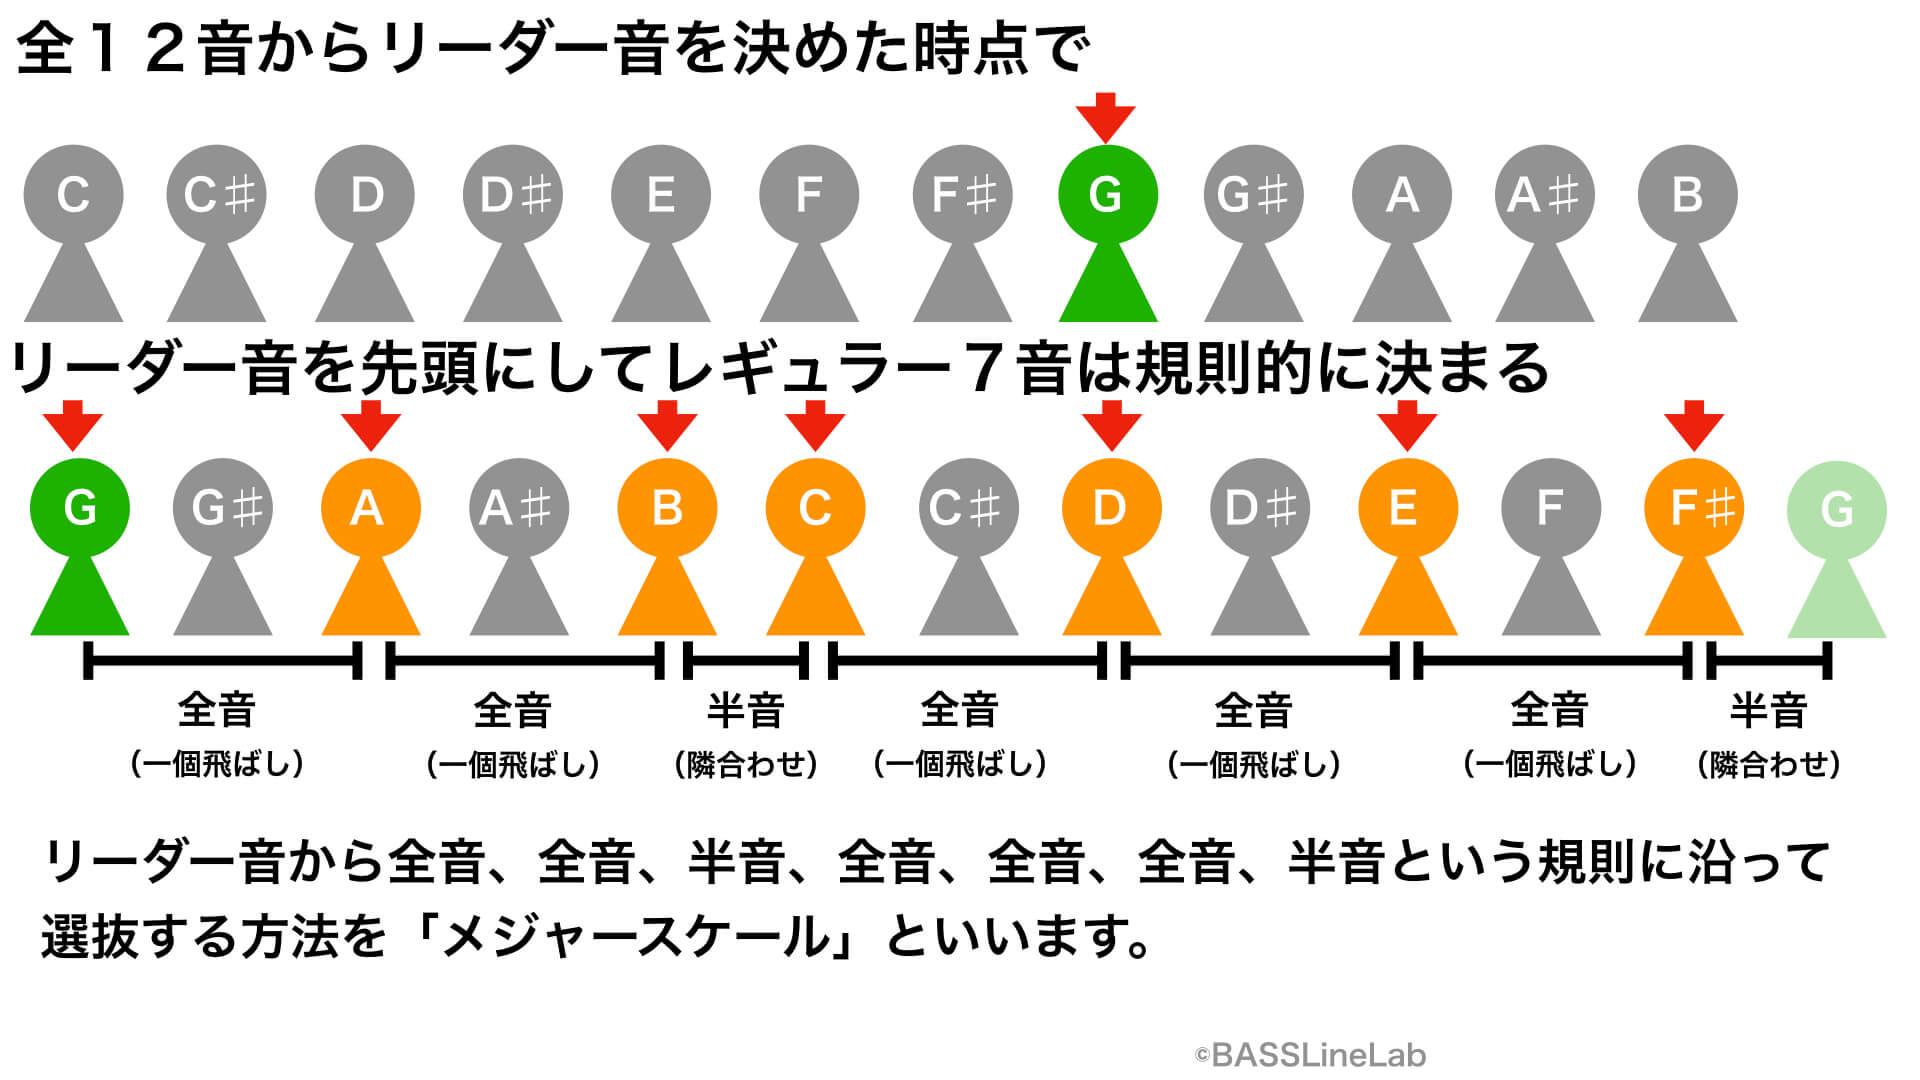 全12音からリーダー音を決めた時点で、リーダー音を先頭にしてレギュラー7音は規則的に決まる。リーダー音を先頭にして「全音、全音、半音、全音、全音、全音、半音」という規則に沿って選抜する方法を「メジャースケール」といいます。